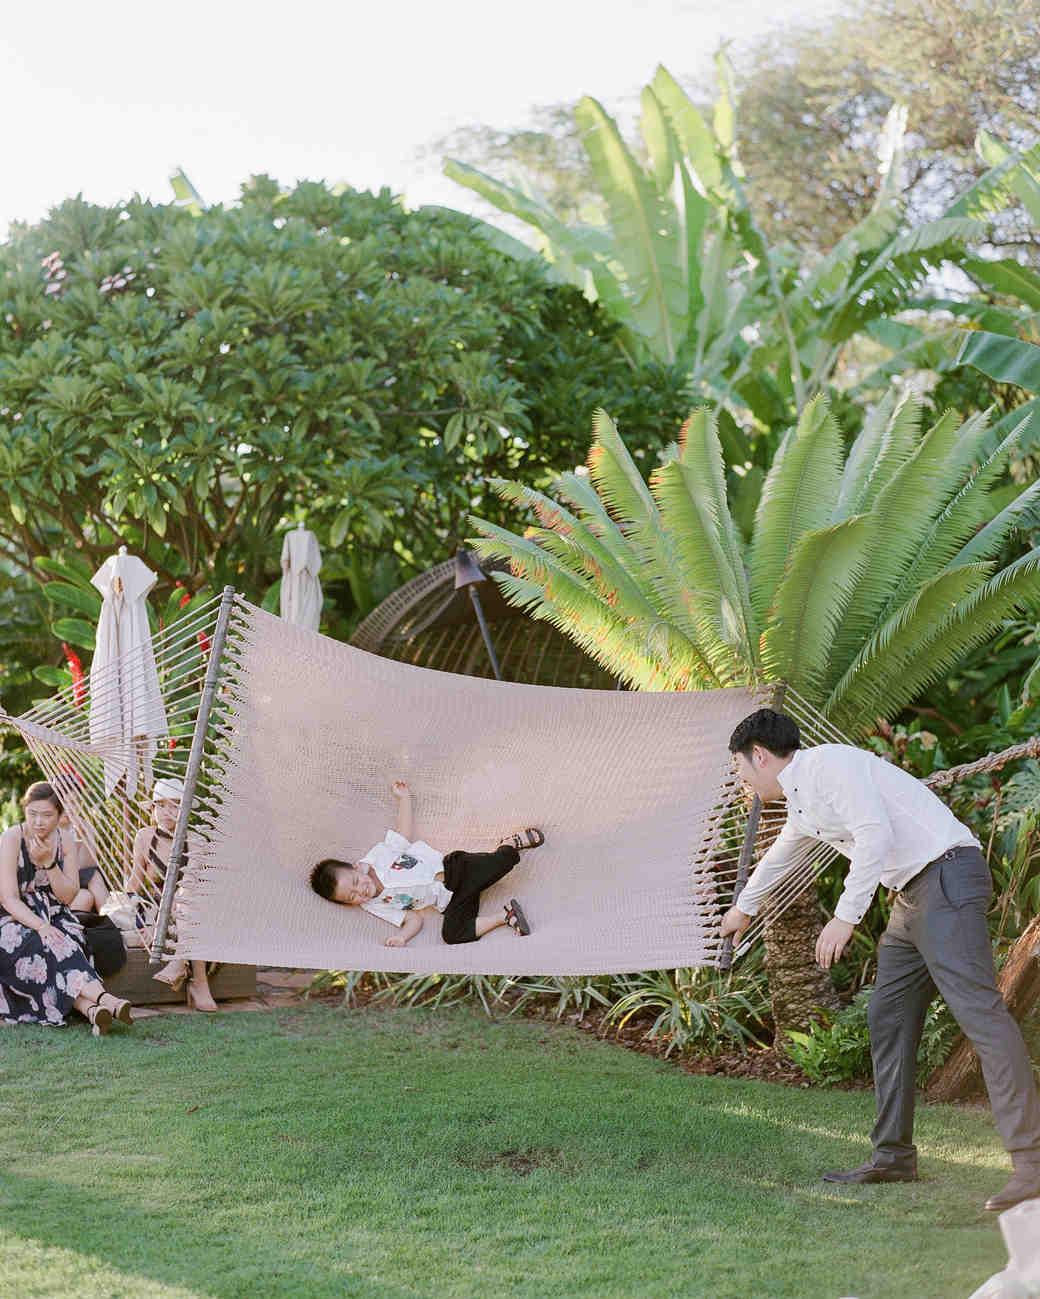 hawaiian wedding guests enjoy swing hammock